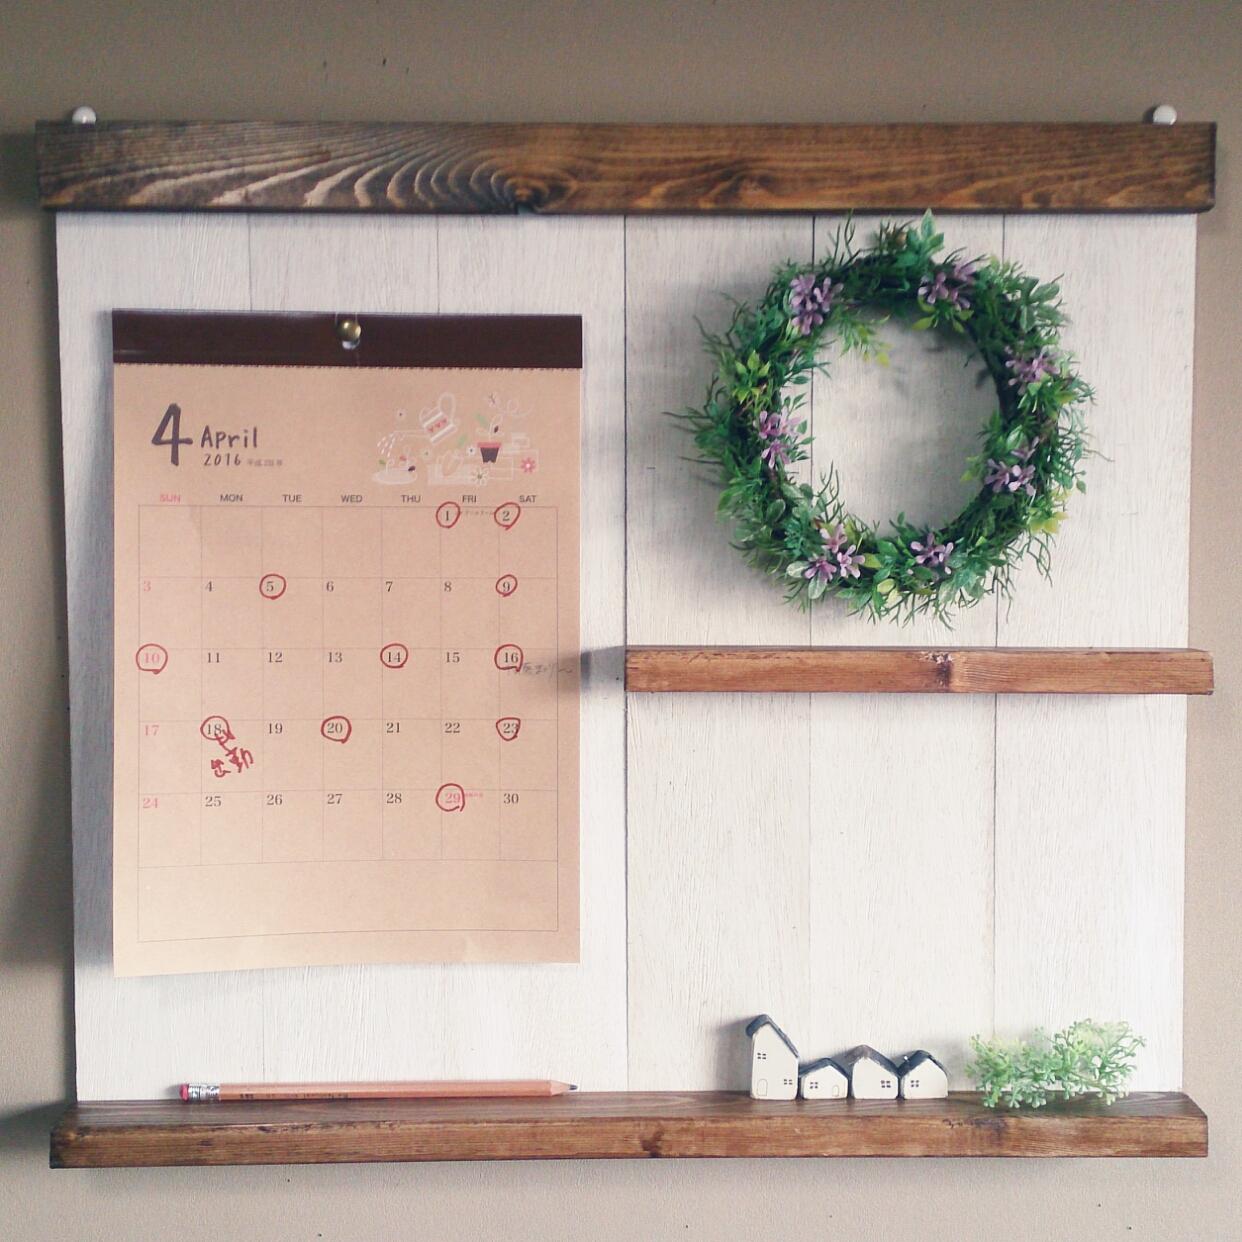 オリジナル感のあるカレンダーの飾り方